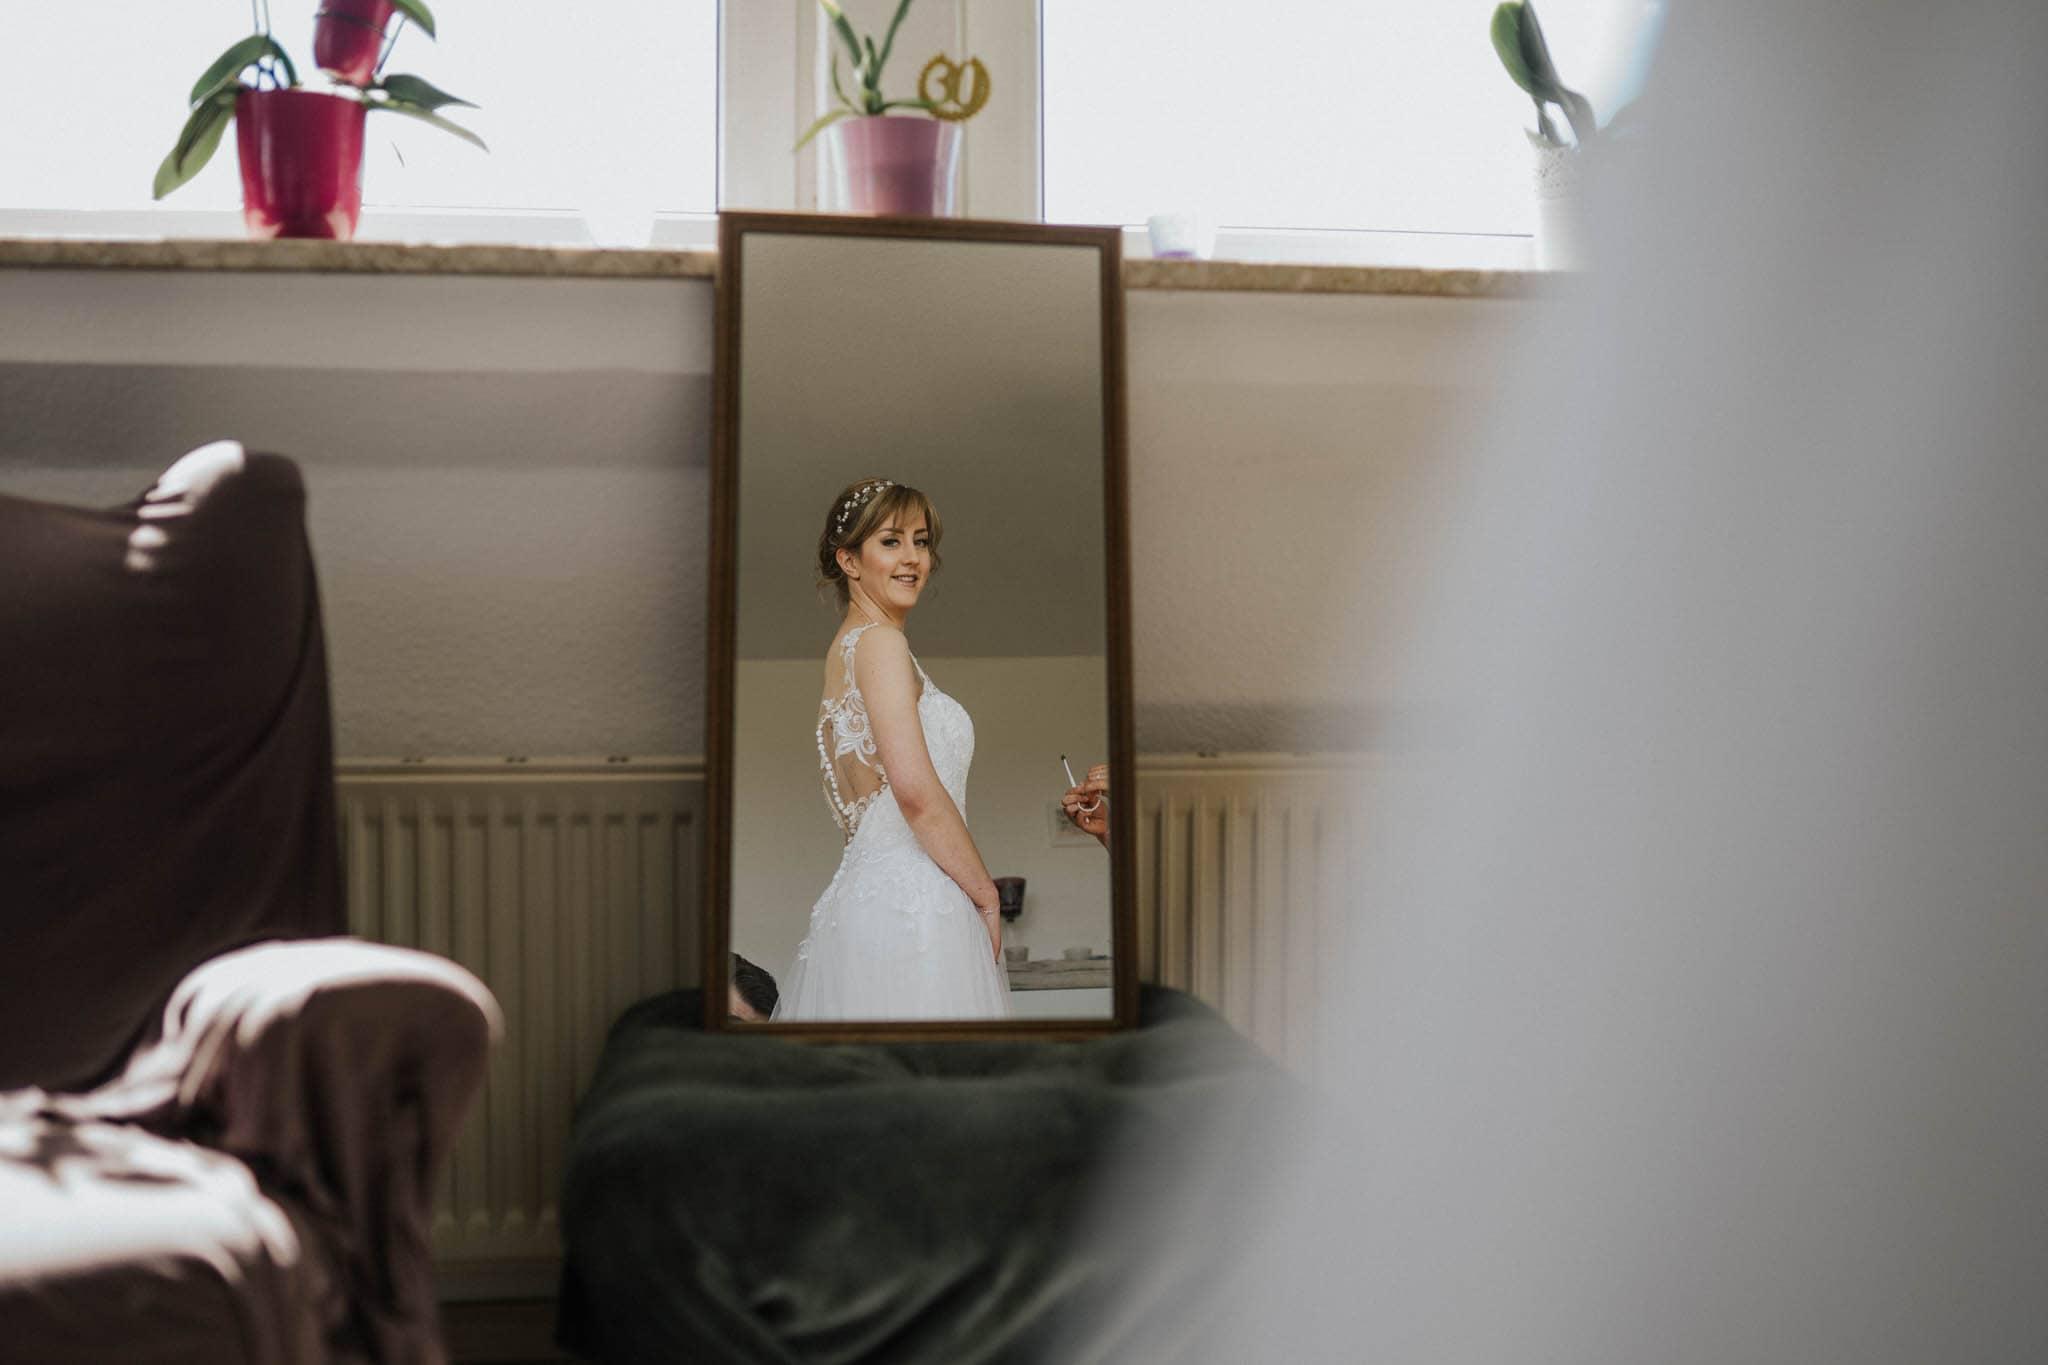 Hochzeitsfieber by Photo-Schomburg, Hoichzeitsfotograf, Hamburg, Wedding, Weddingtime, Hochzeitspaar, Braut, Bräutigam, Hochzeit im Norden,-21